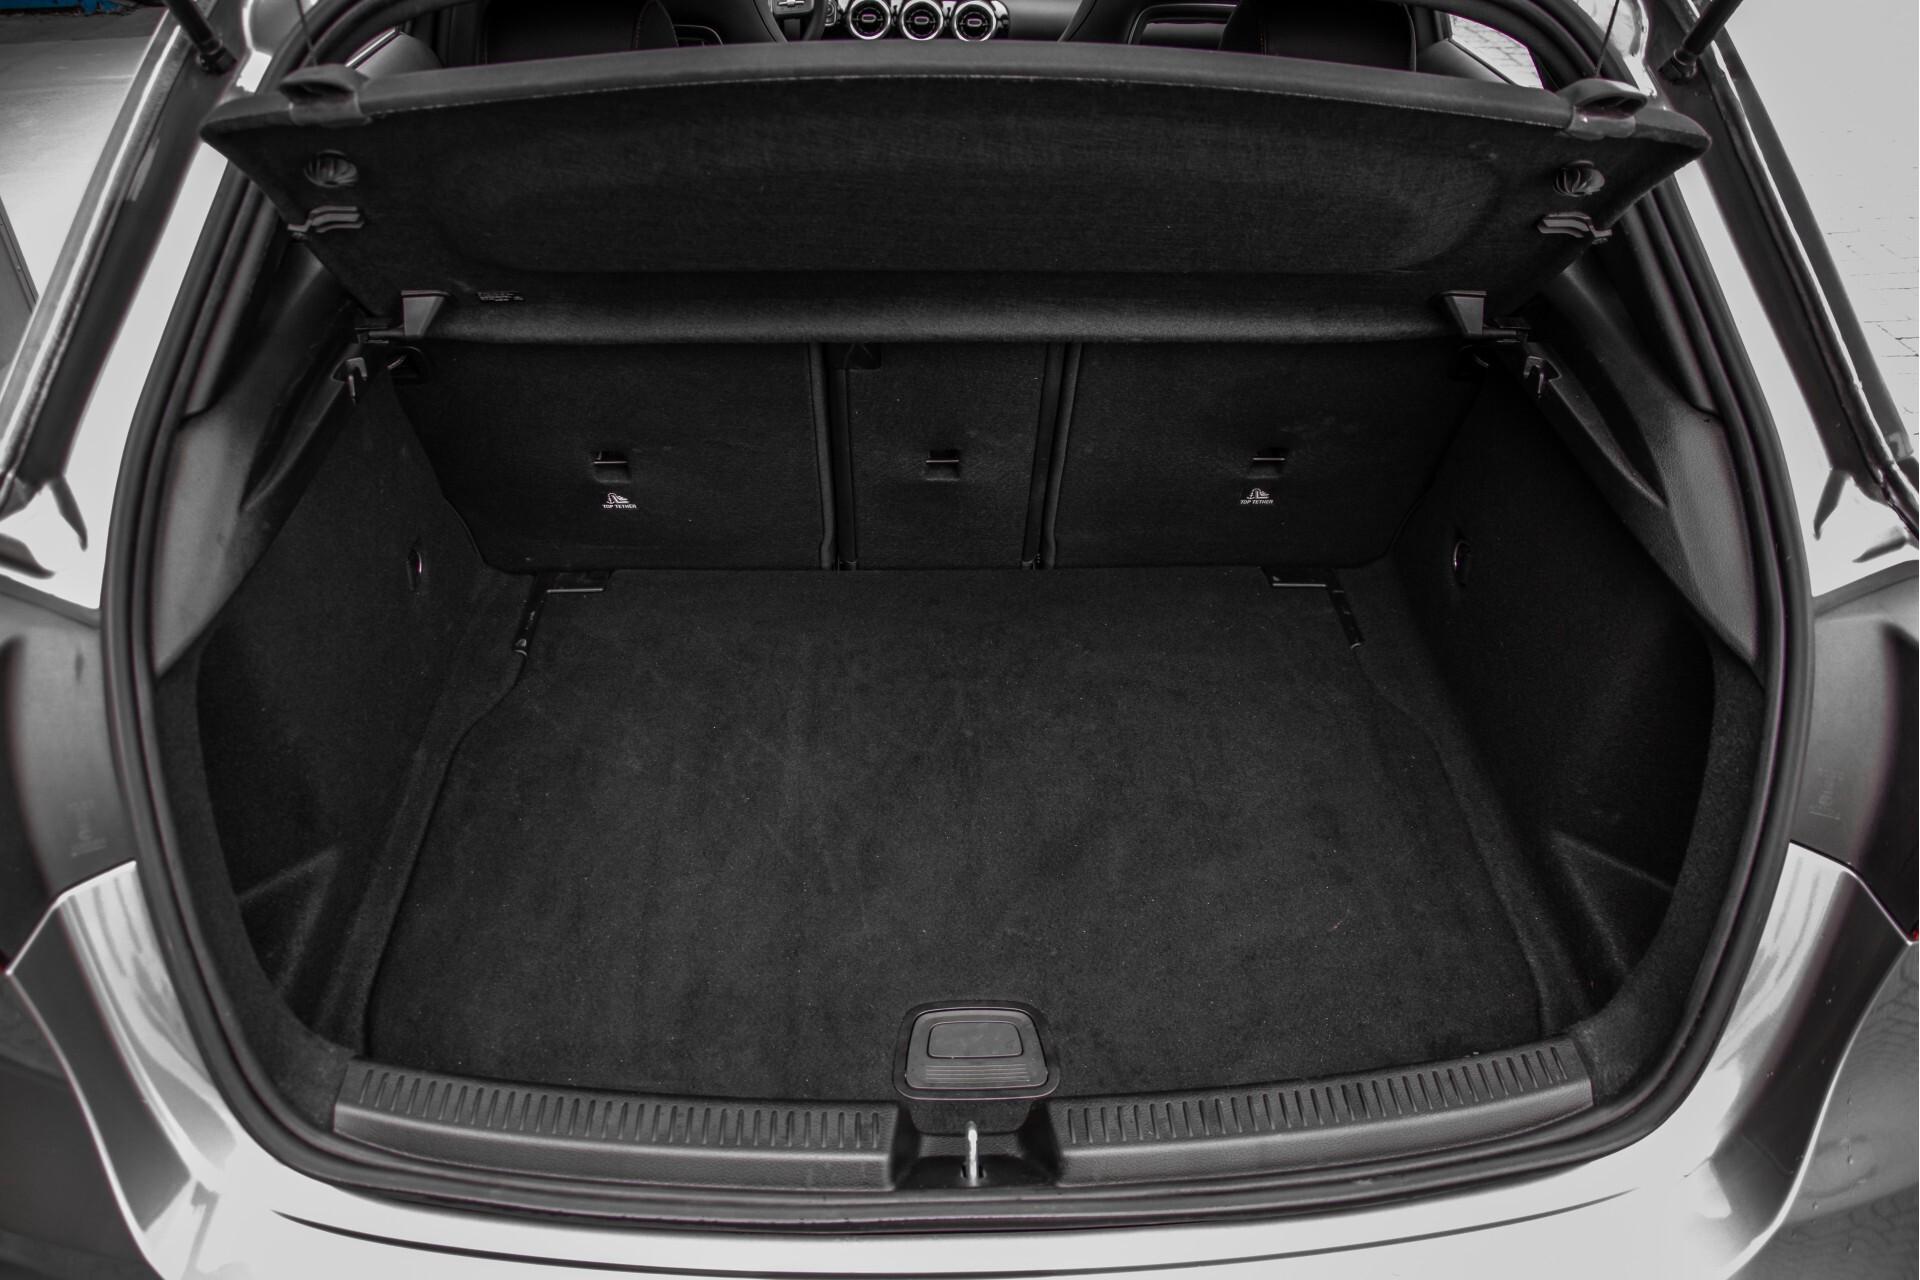 Mercedes-Benz A-Klasse 180 d AMG Panorama/MBUX/DAB/LED Aut7 Foto 50